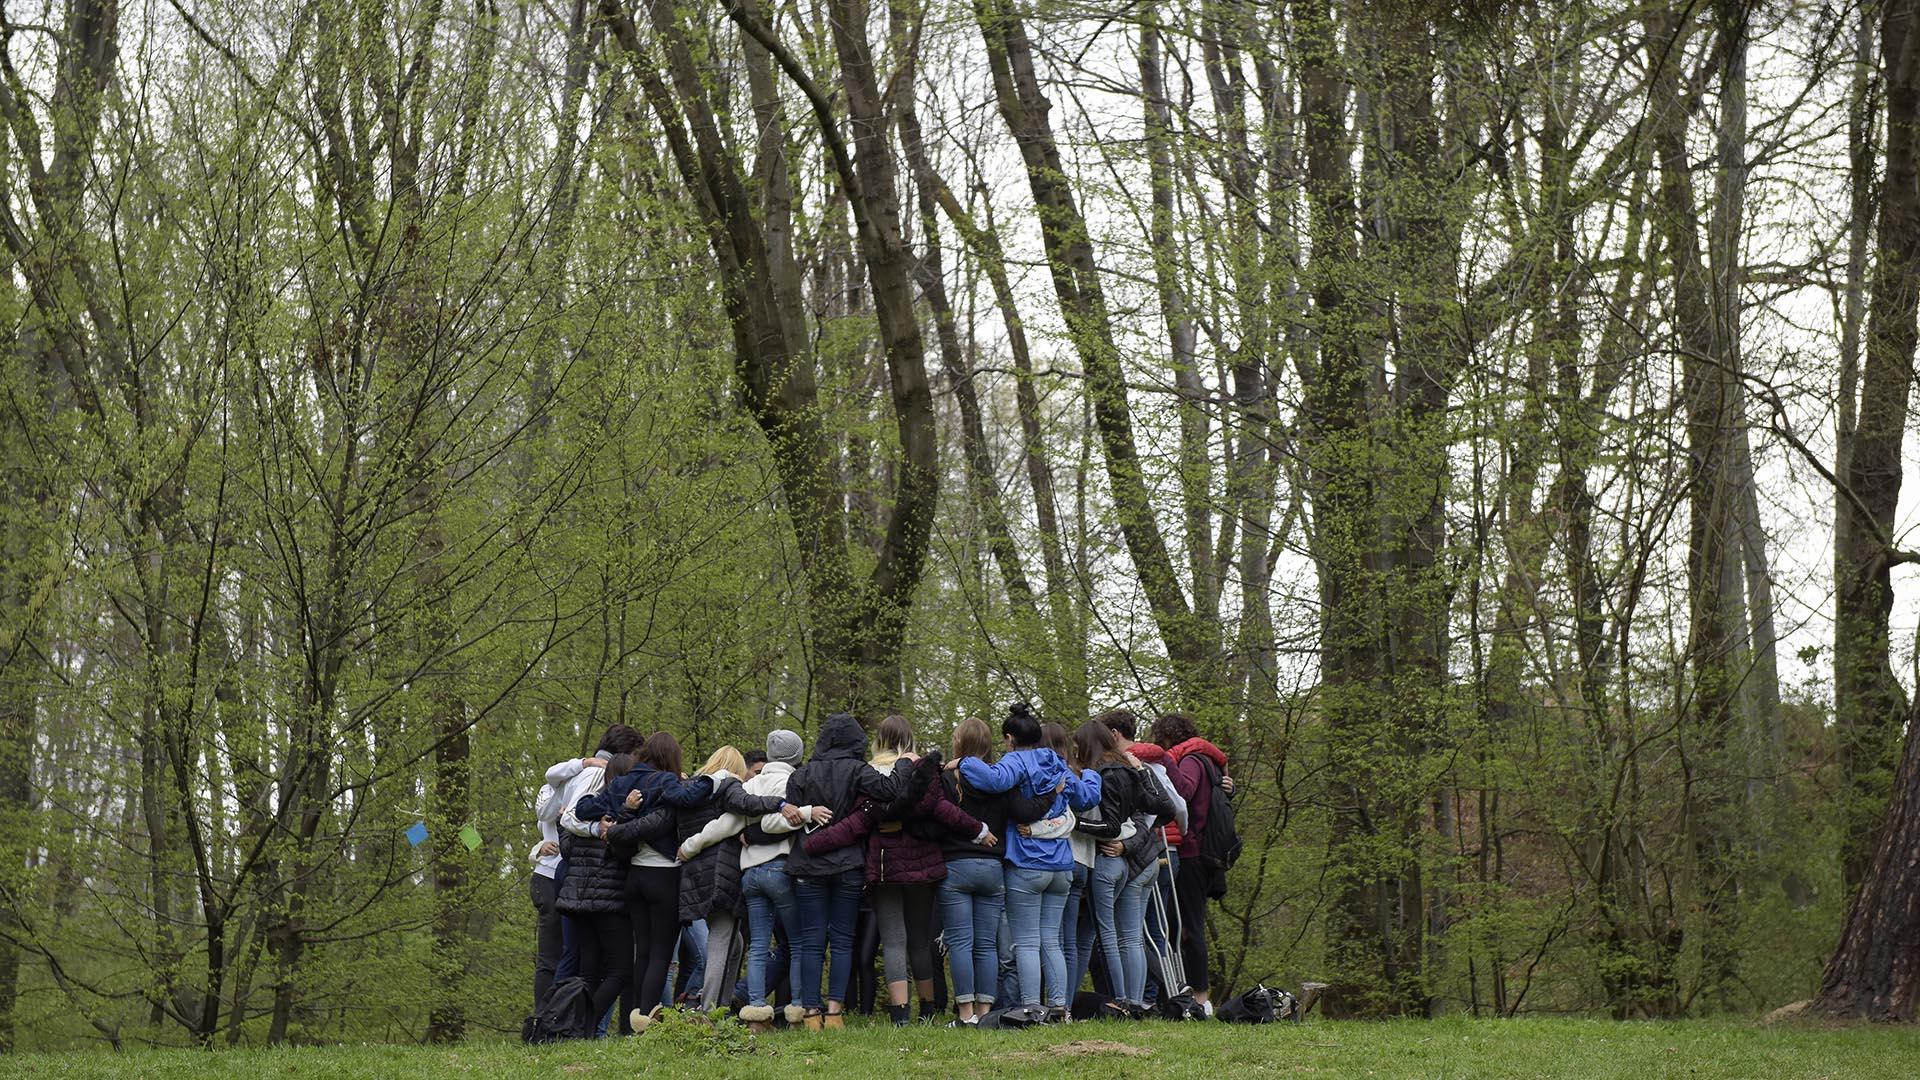 El grupo argentino de Marcha por la Vida visito las fosas de Tarnow y recordaron lo sucedido en ese lugar (Foto: Victoria Bornaz)